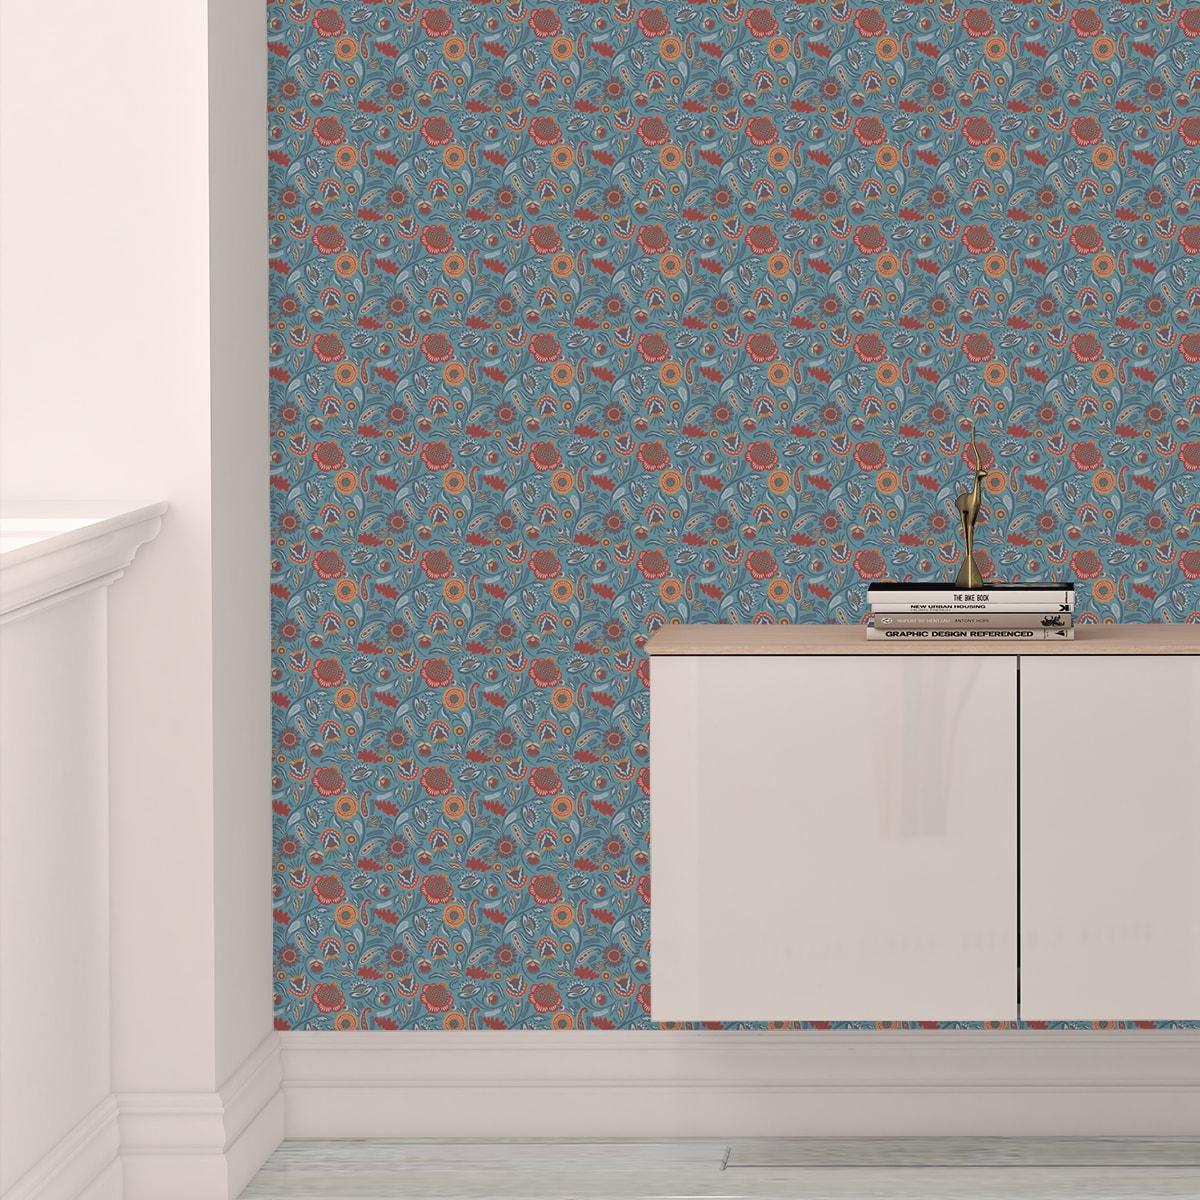 Folklore Blumentapete Garten Vintage Stil in hellblau - Vliestapete Blumen für Schlafzimmer